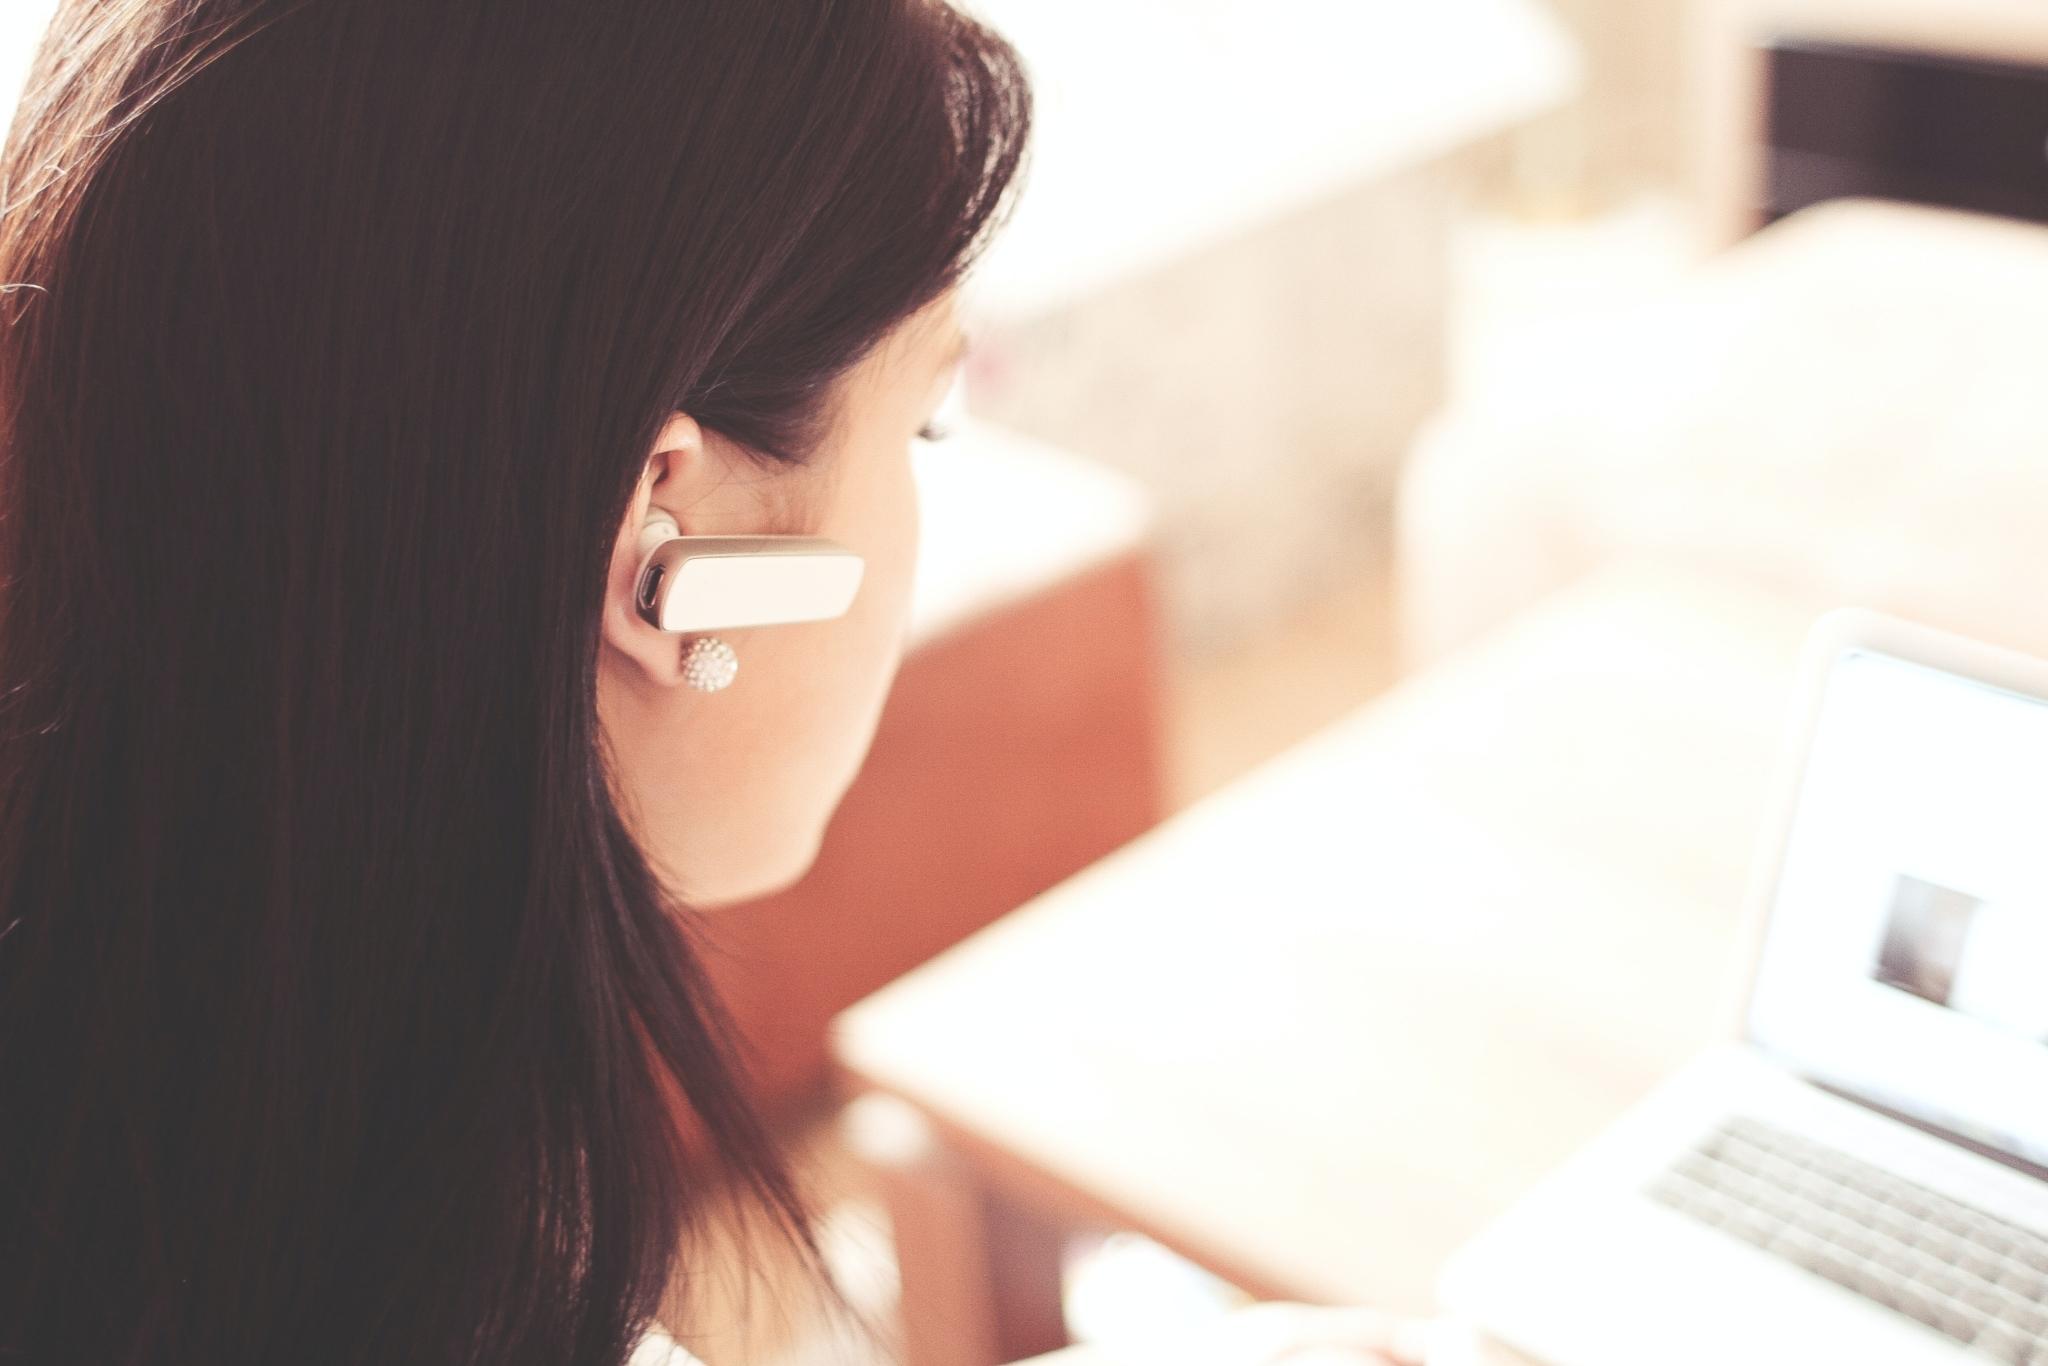 Woman wearing earpiece using laptop